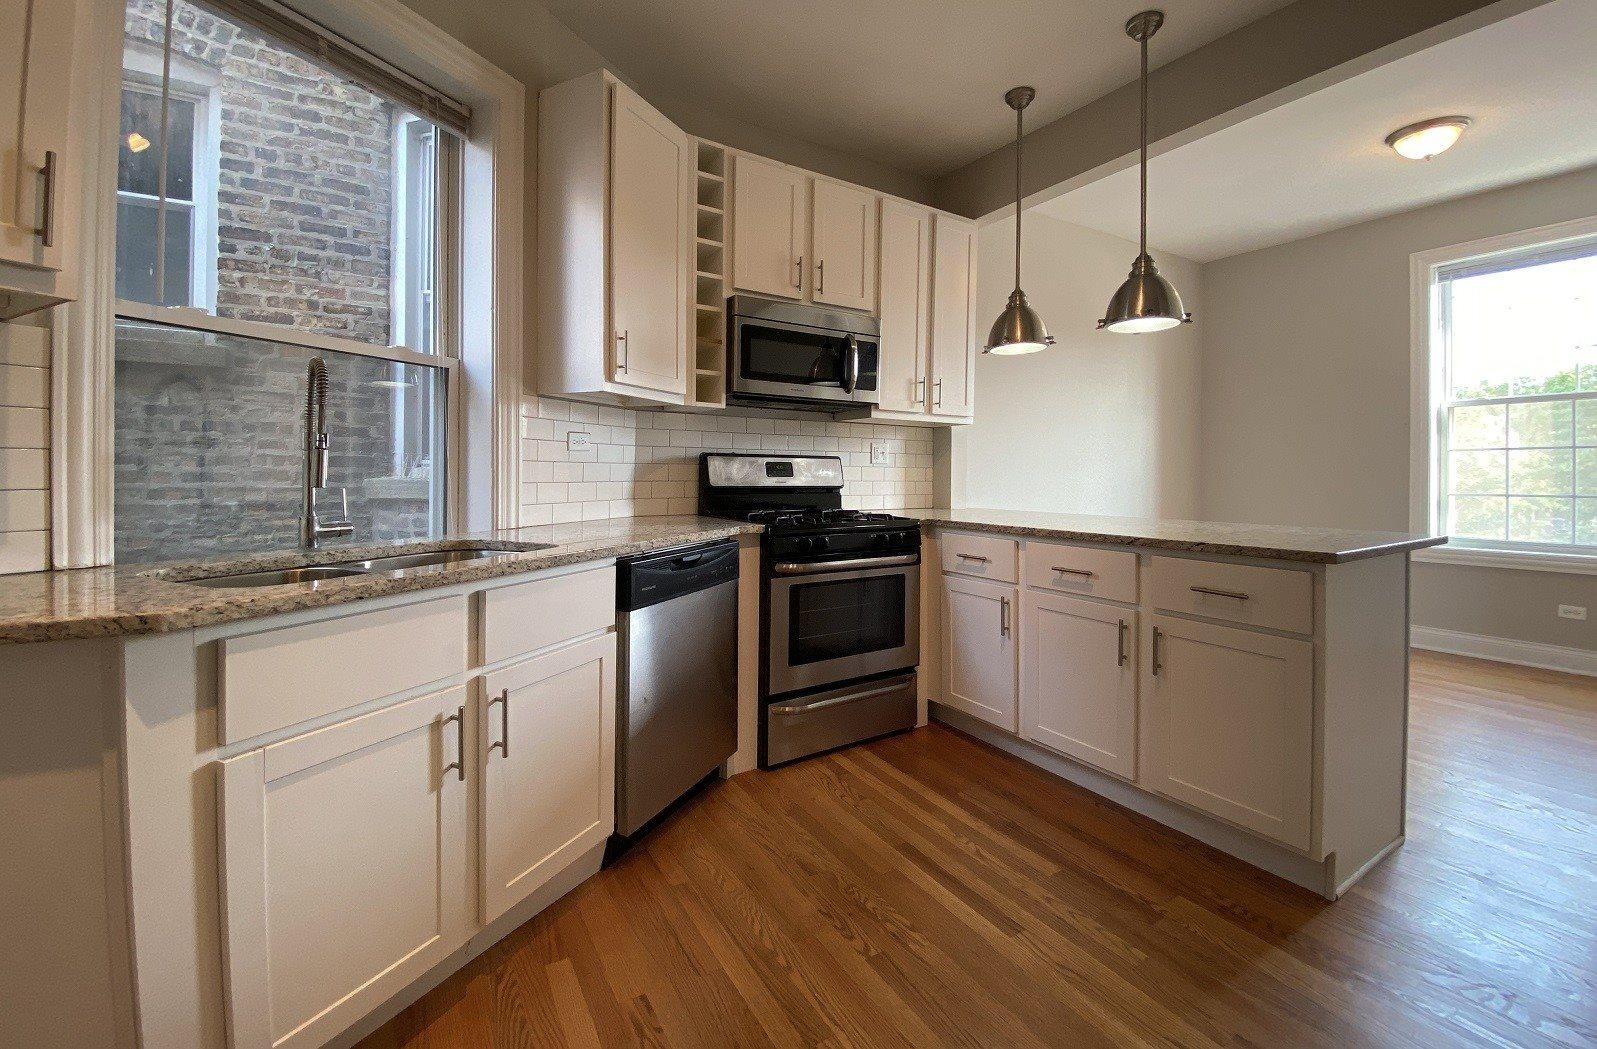 Stunning kitchen space with hardwood floors